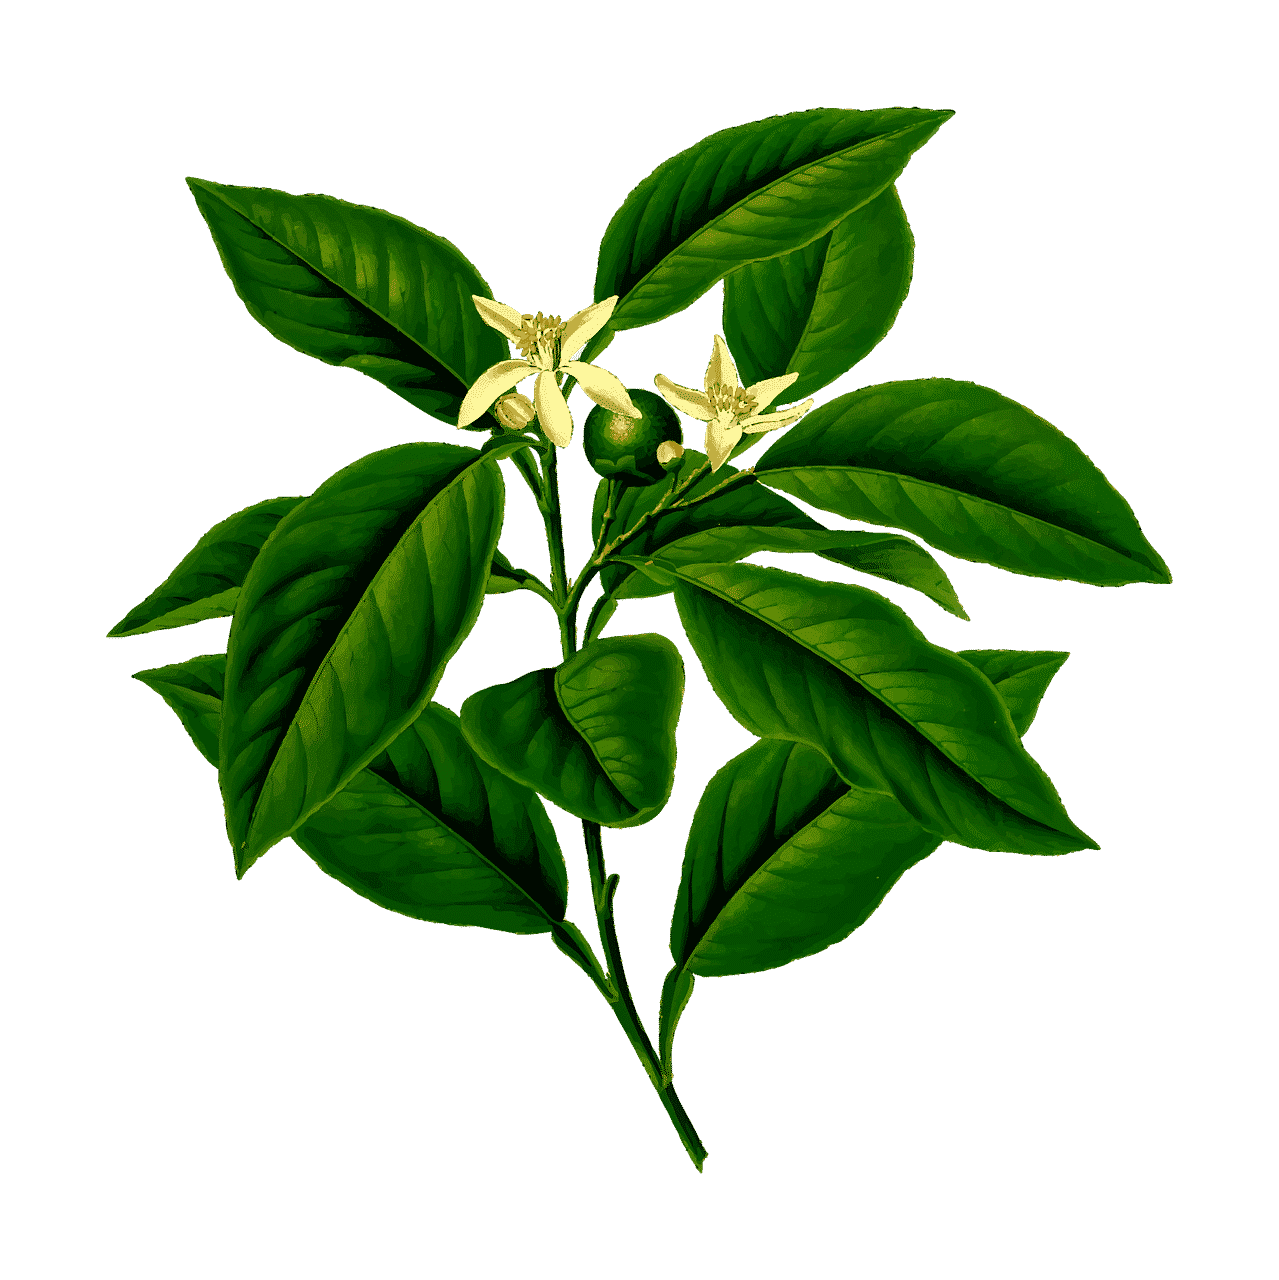 Blume Illustration kleine gelbe Blüten mit großen Grünen Blättern auf weißem Hintergrund